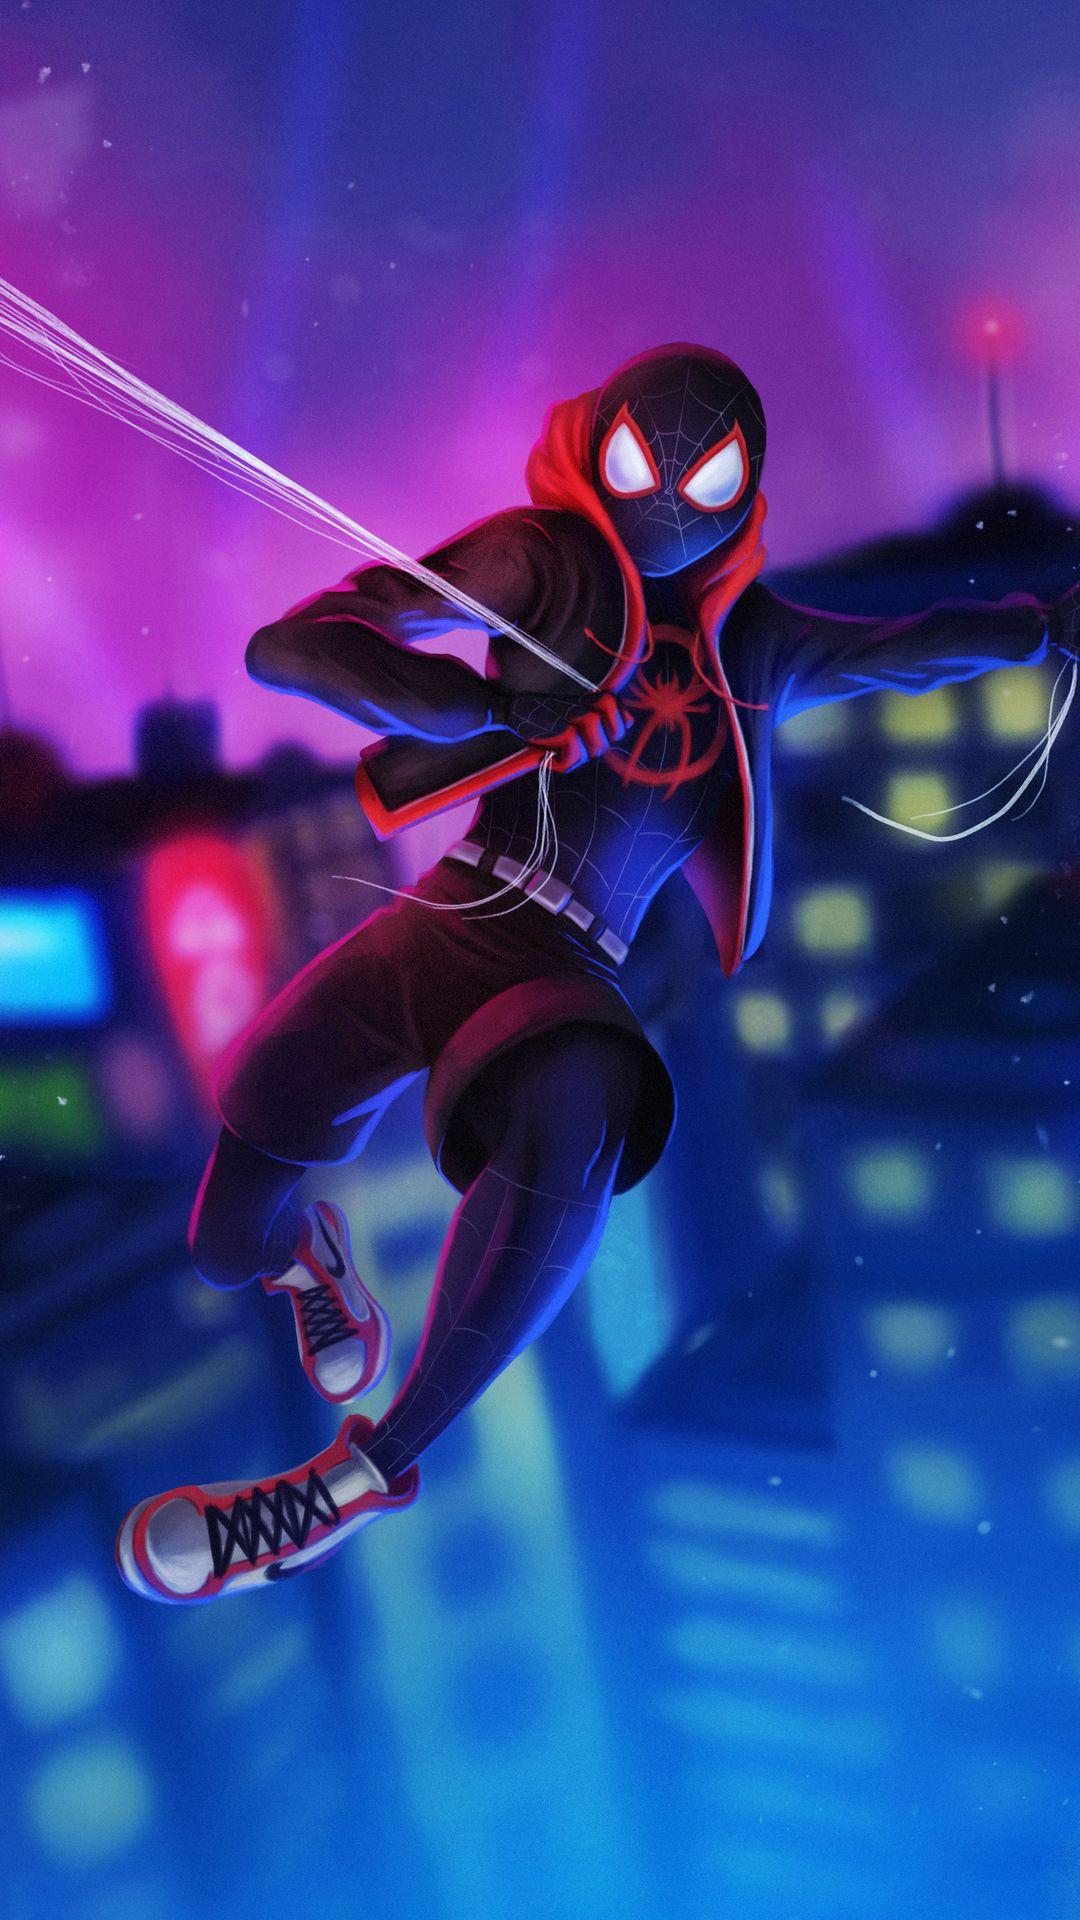 Descarga este wallpaper gratis de spiderman en tu